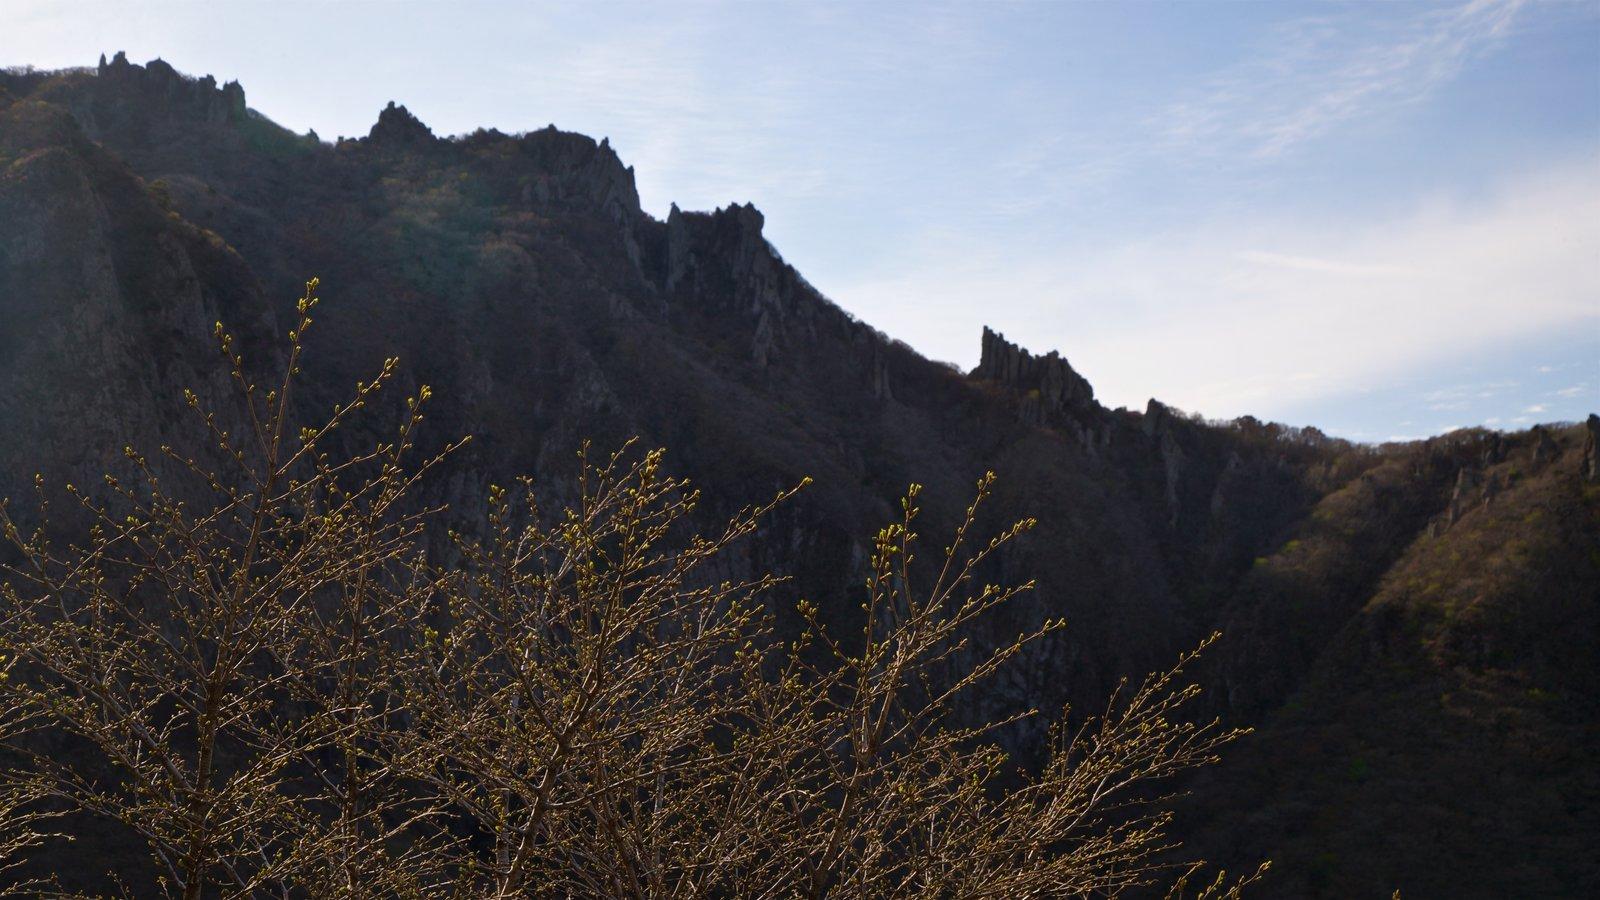 Parque Nacional de Hallasan que incluye escenas tranquilas